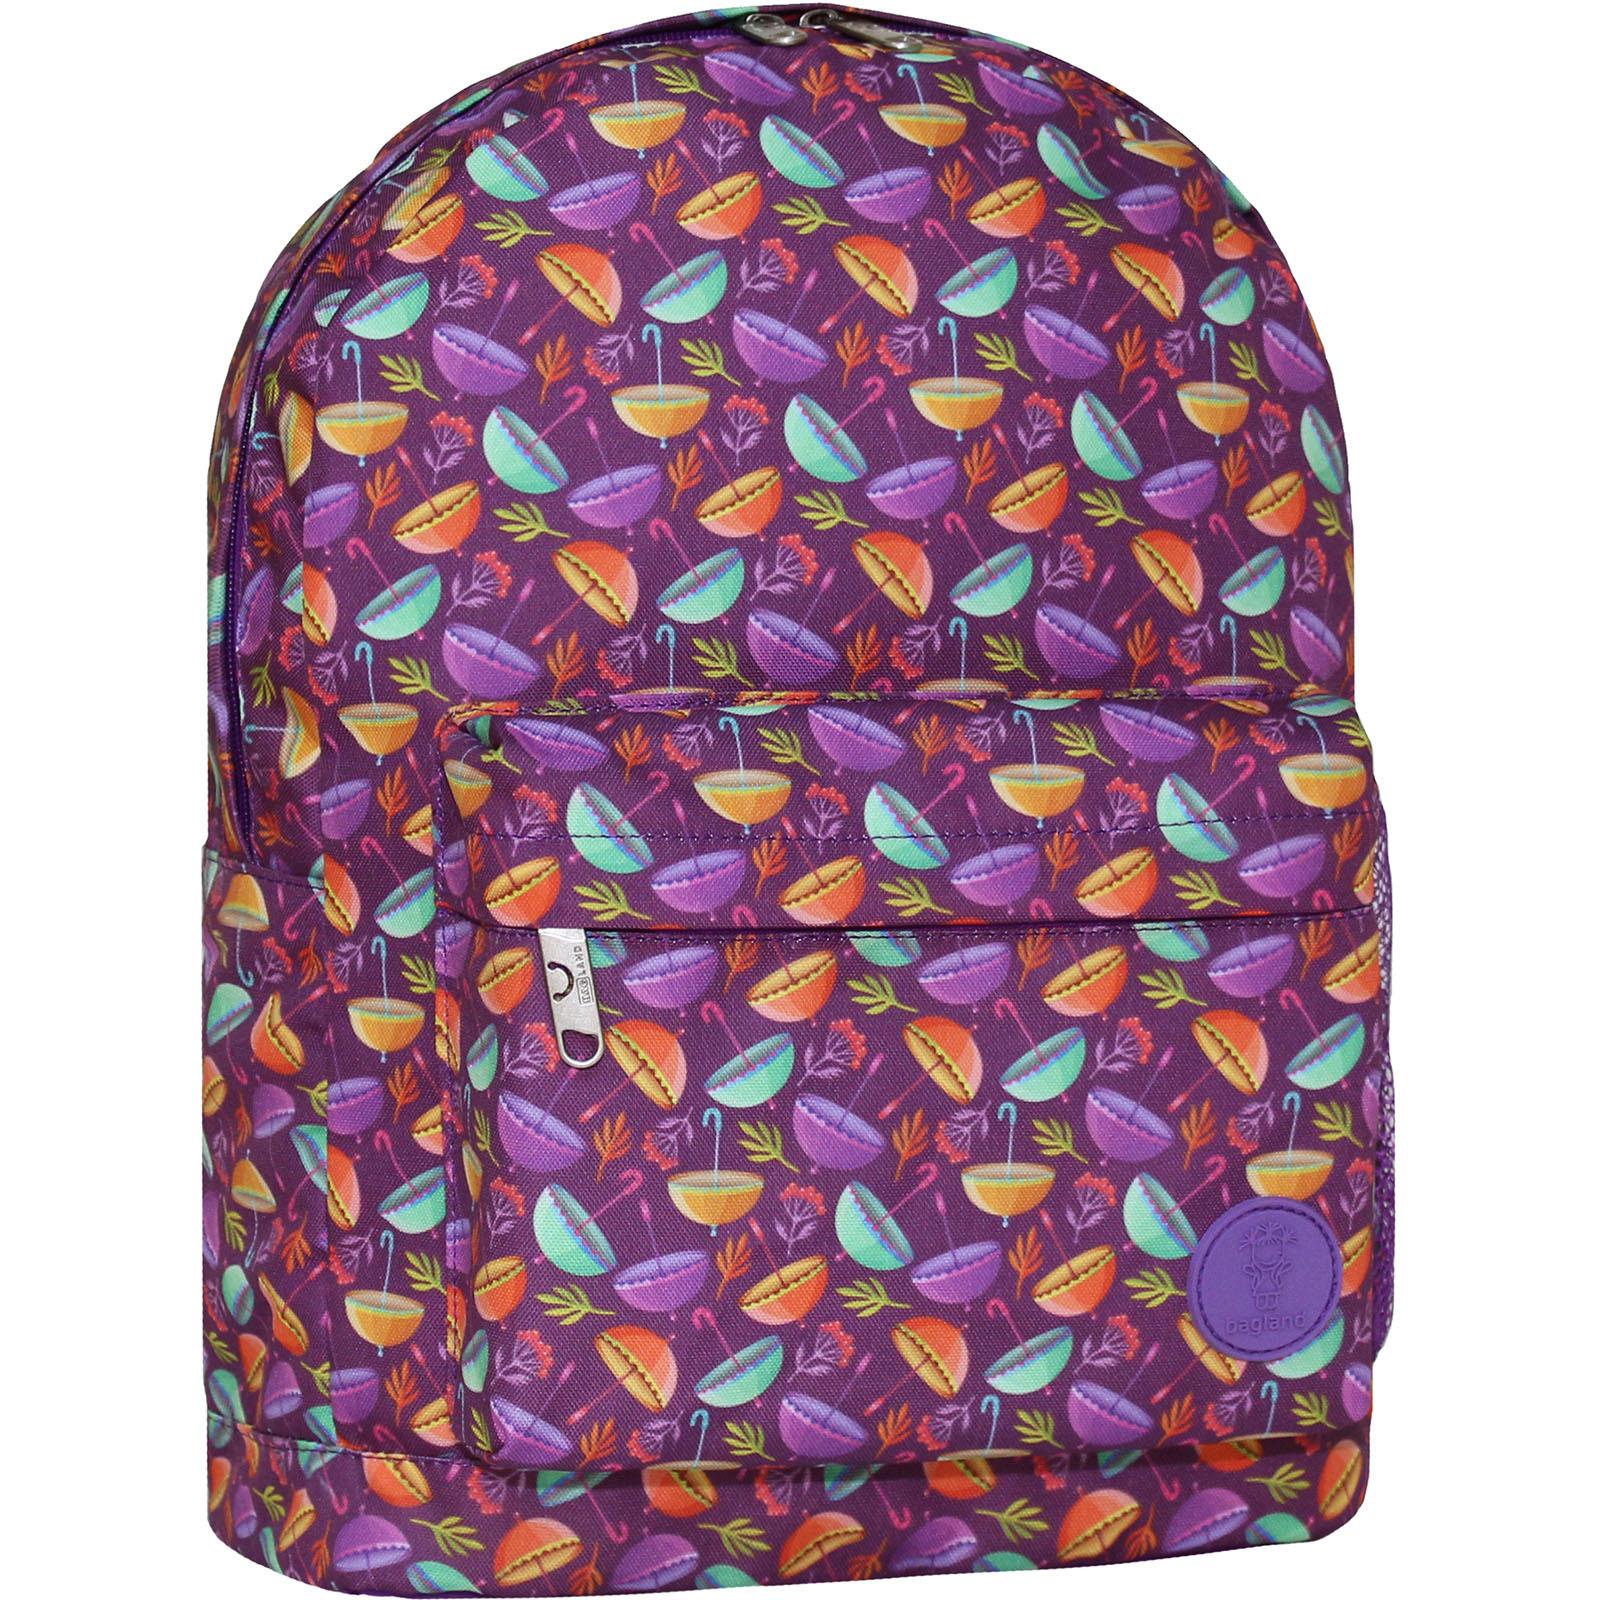 Городские рюкзаки Рюкзак Bagland Молодежный (дизайн) 17 л. Дизайн - Зонтики 21 (00533664) IMG_3838.JPG